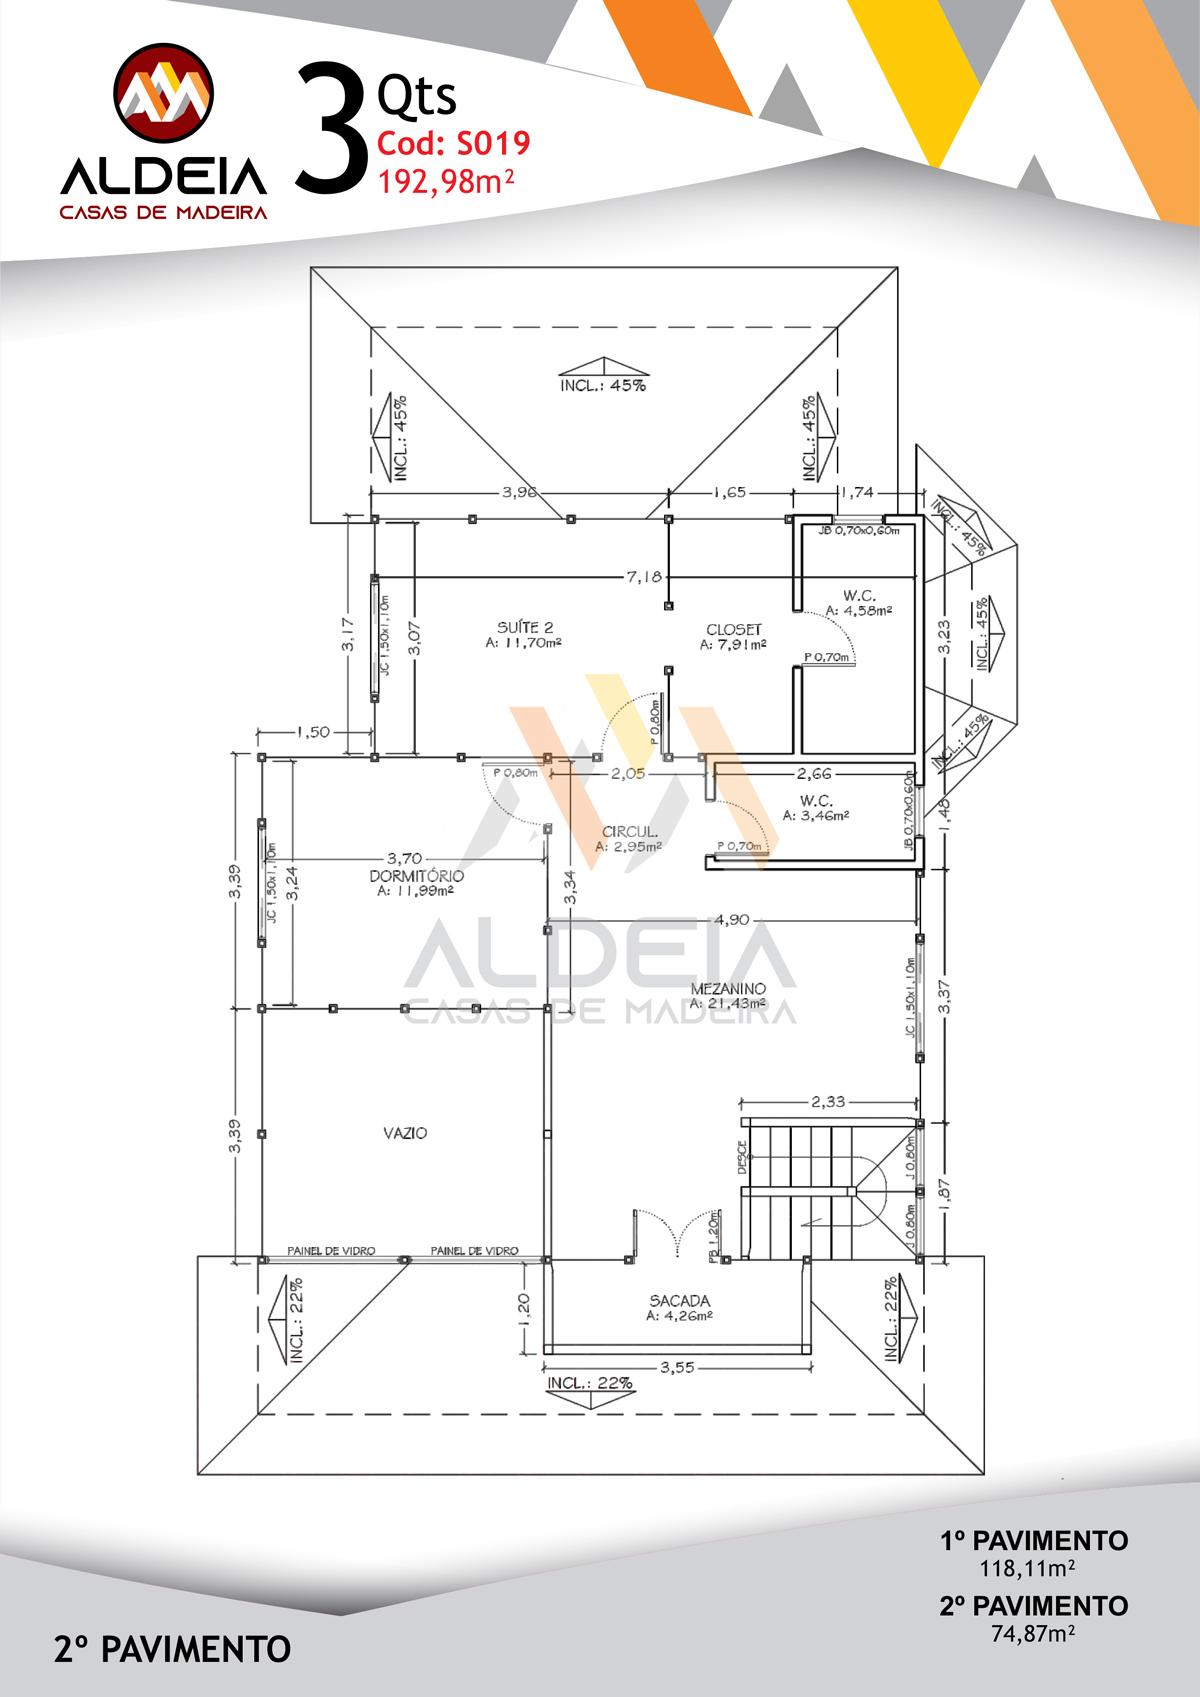 aldeia-casas-madeira-arquitetura-S019-2